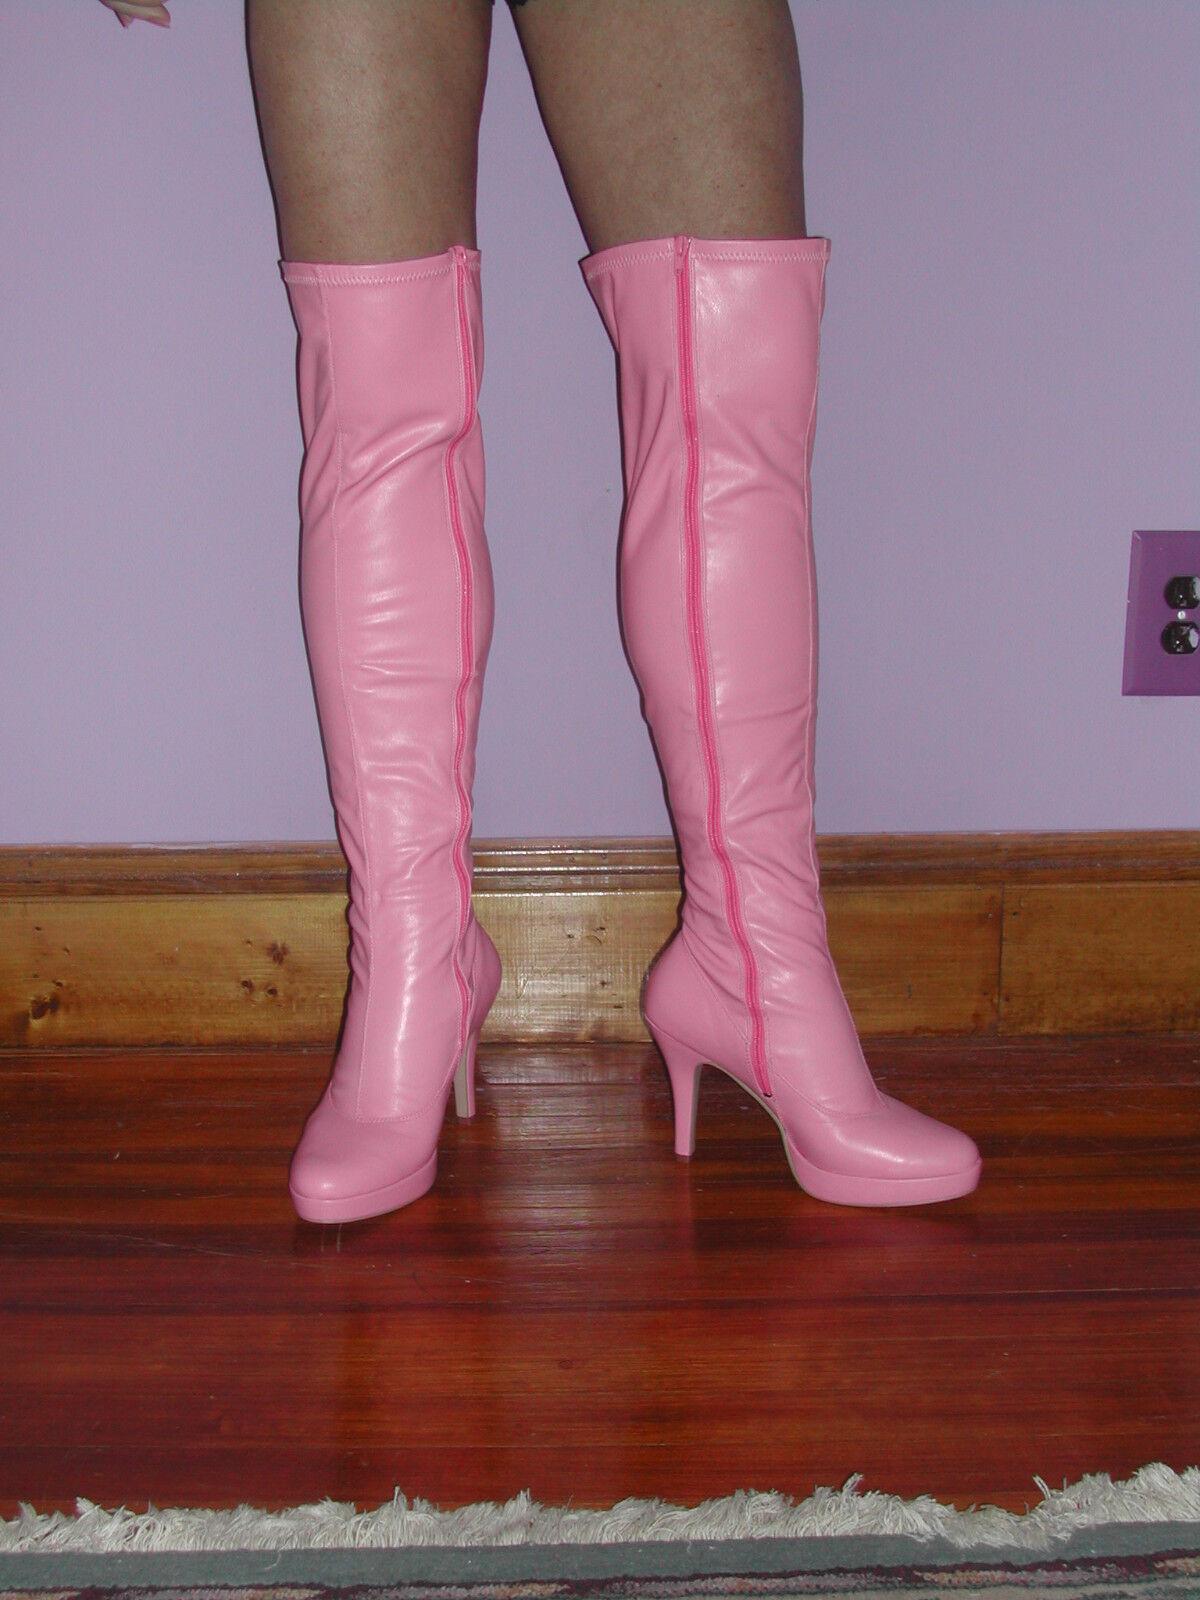 negozio online outlet rosa thigh thigh thigh high platform heeled avvio  per il tuo stile di gioco ai prezzi più bassi